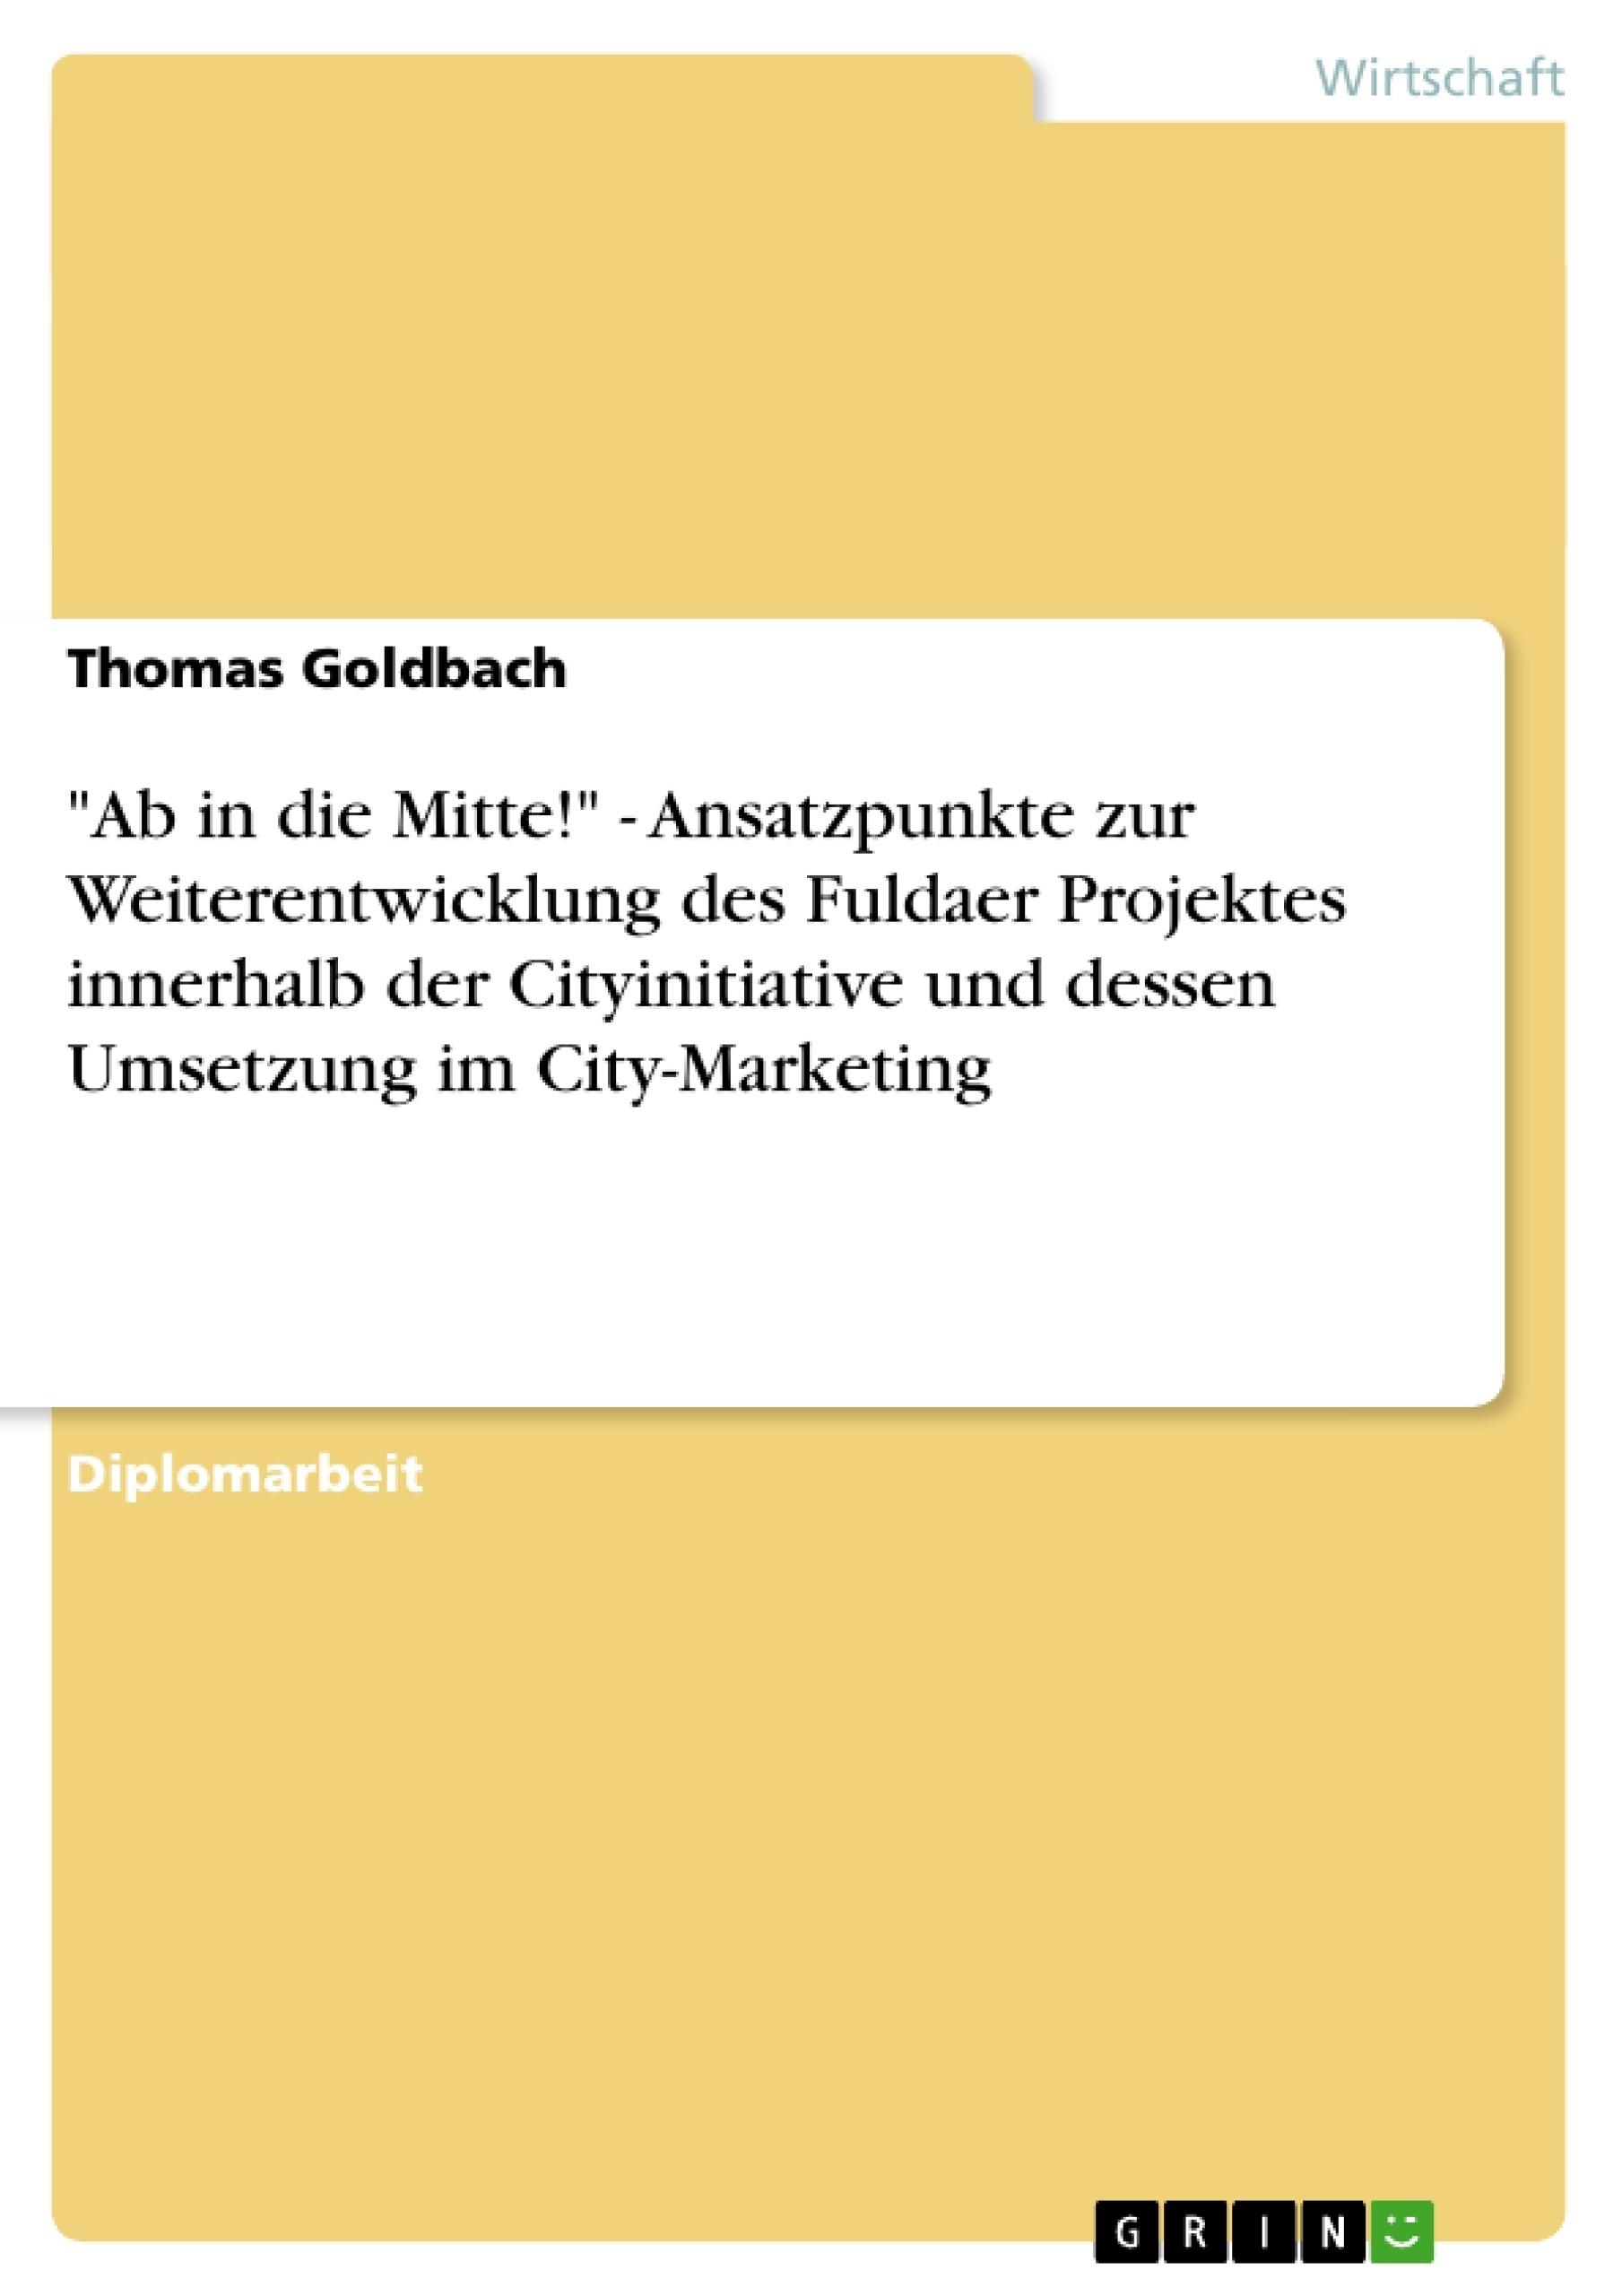 """Titel: """"Ab in die Mitte!"""" - Ansatzpunkte zur Weiterentwicklung des Fuldaer Projektes innerhalb der Cityinitiative und dessen Umsetzung im City-Marketing"""